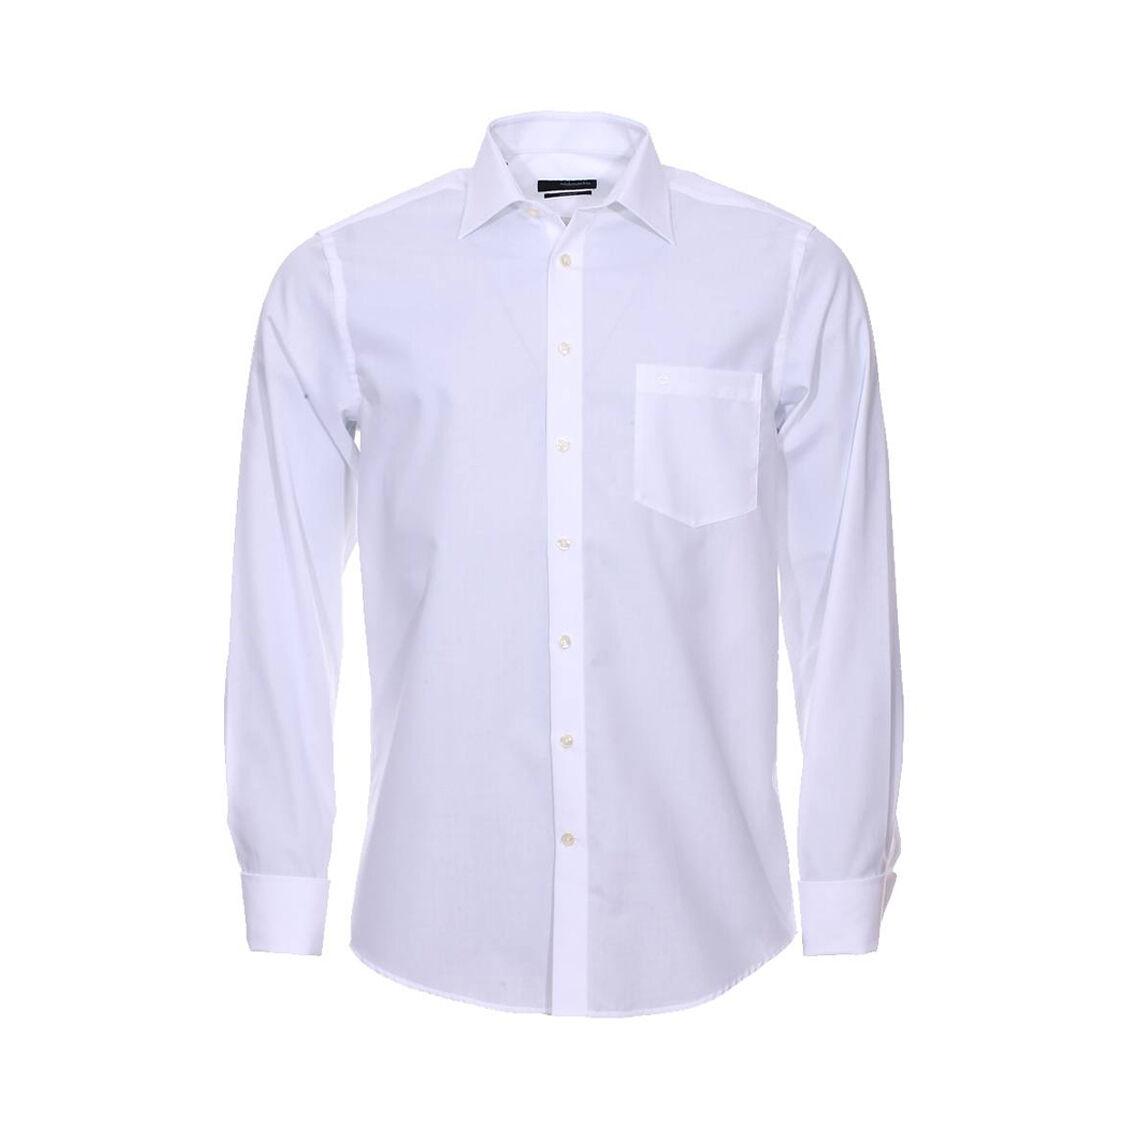 Seidensticker Chemise droite Seidensticker en coton blanc à poignets mousquetaires Sans repassage - BLANC - 48